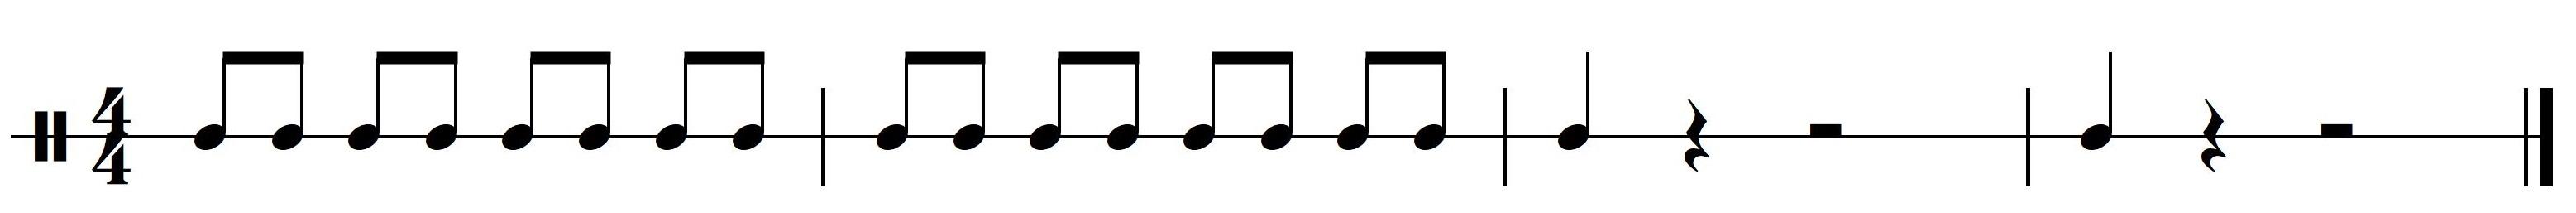 Ritme 1b. Basisritme 1 uit meespeelpartituur Dance Monkey